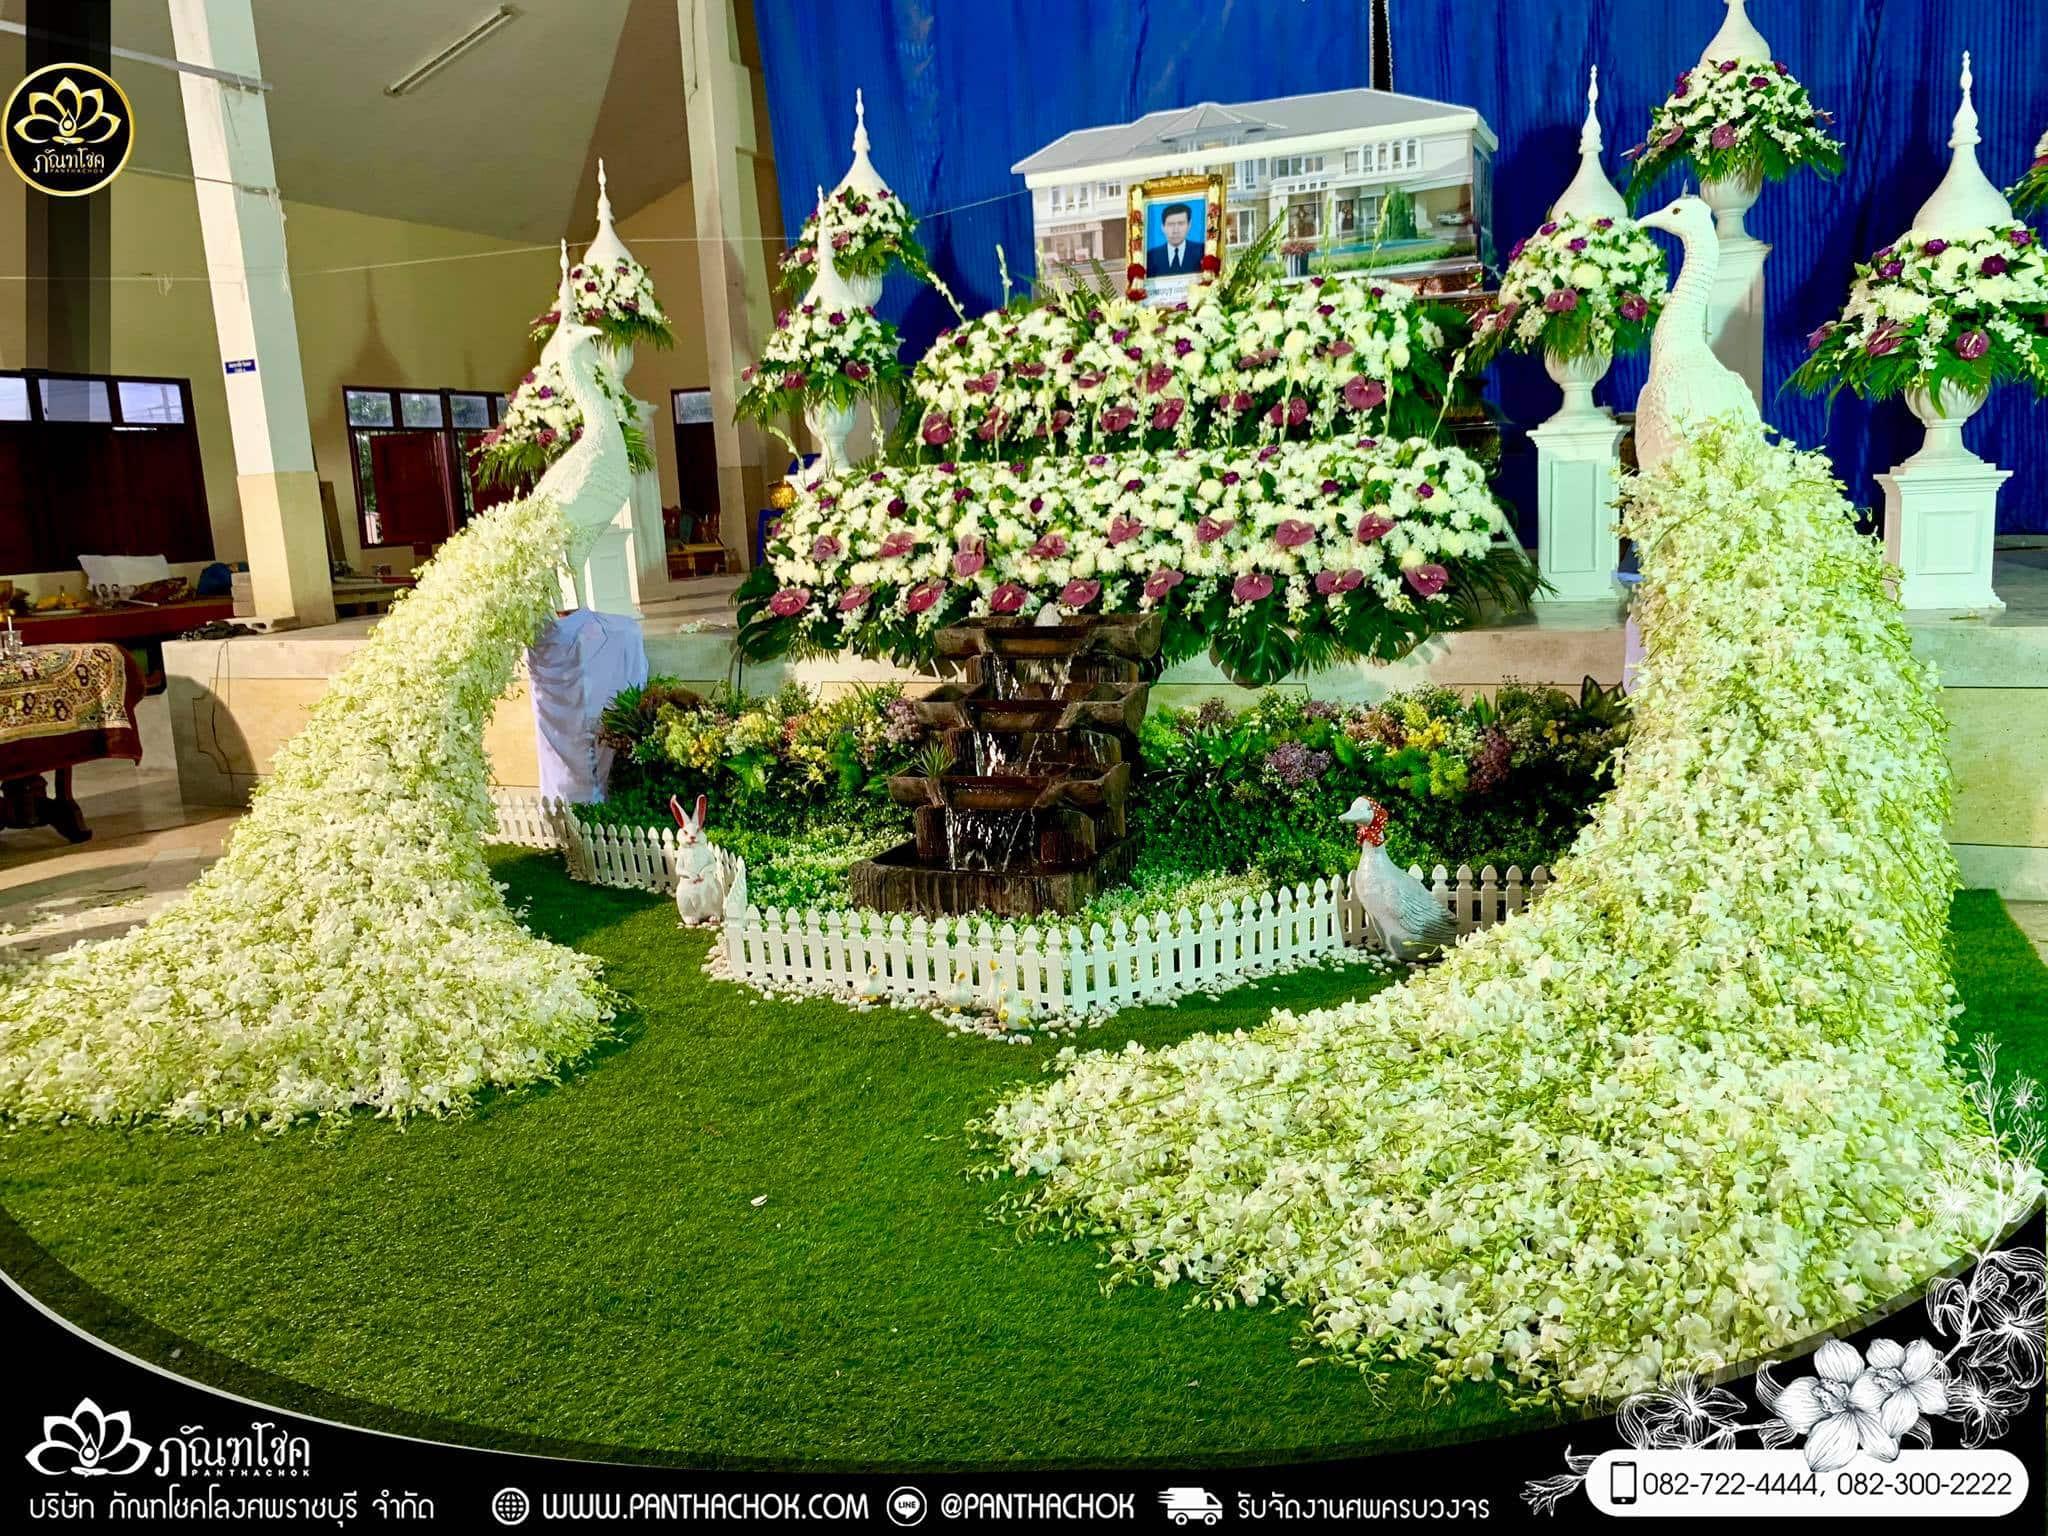 ผู้ให้บริการจัดดอกไม้งานศพ อันดับ 1 ในราชบุรี (ผลงานวัดวันดาว อ.ปากท่อ) 2